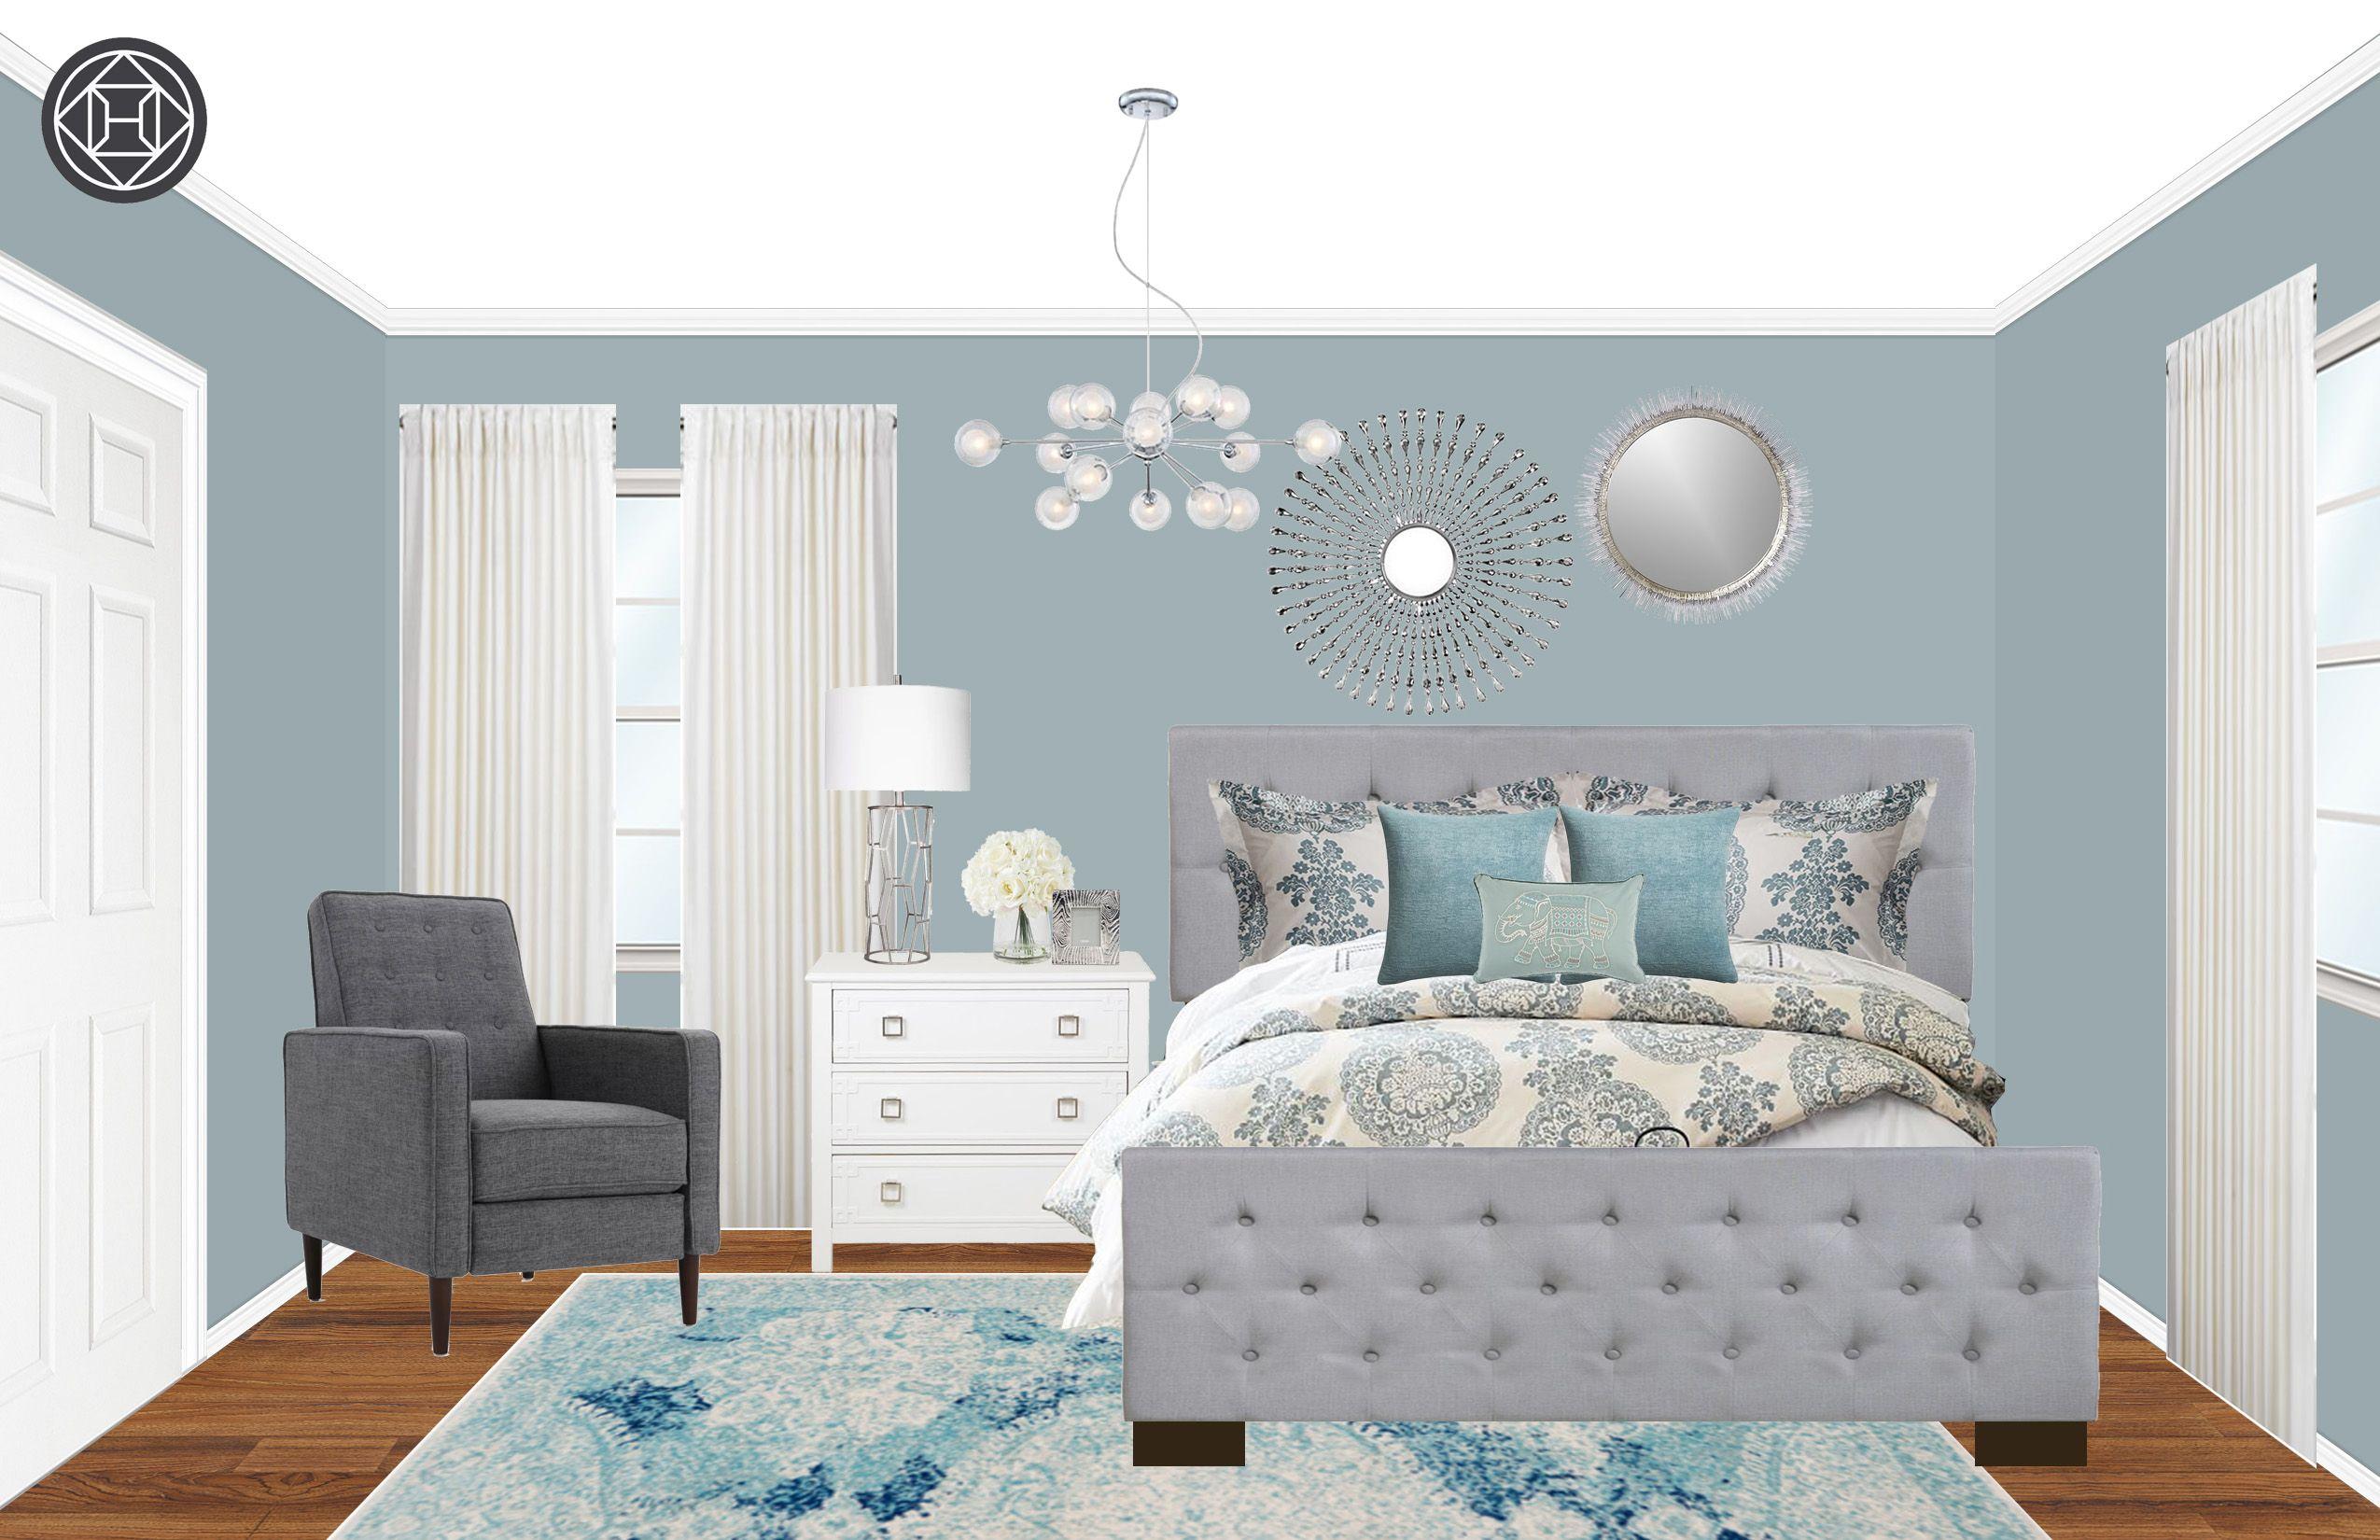 Contemporary Bohemian Bedroom Design By Havenly Interior Designer